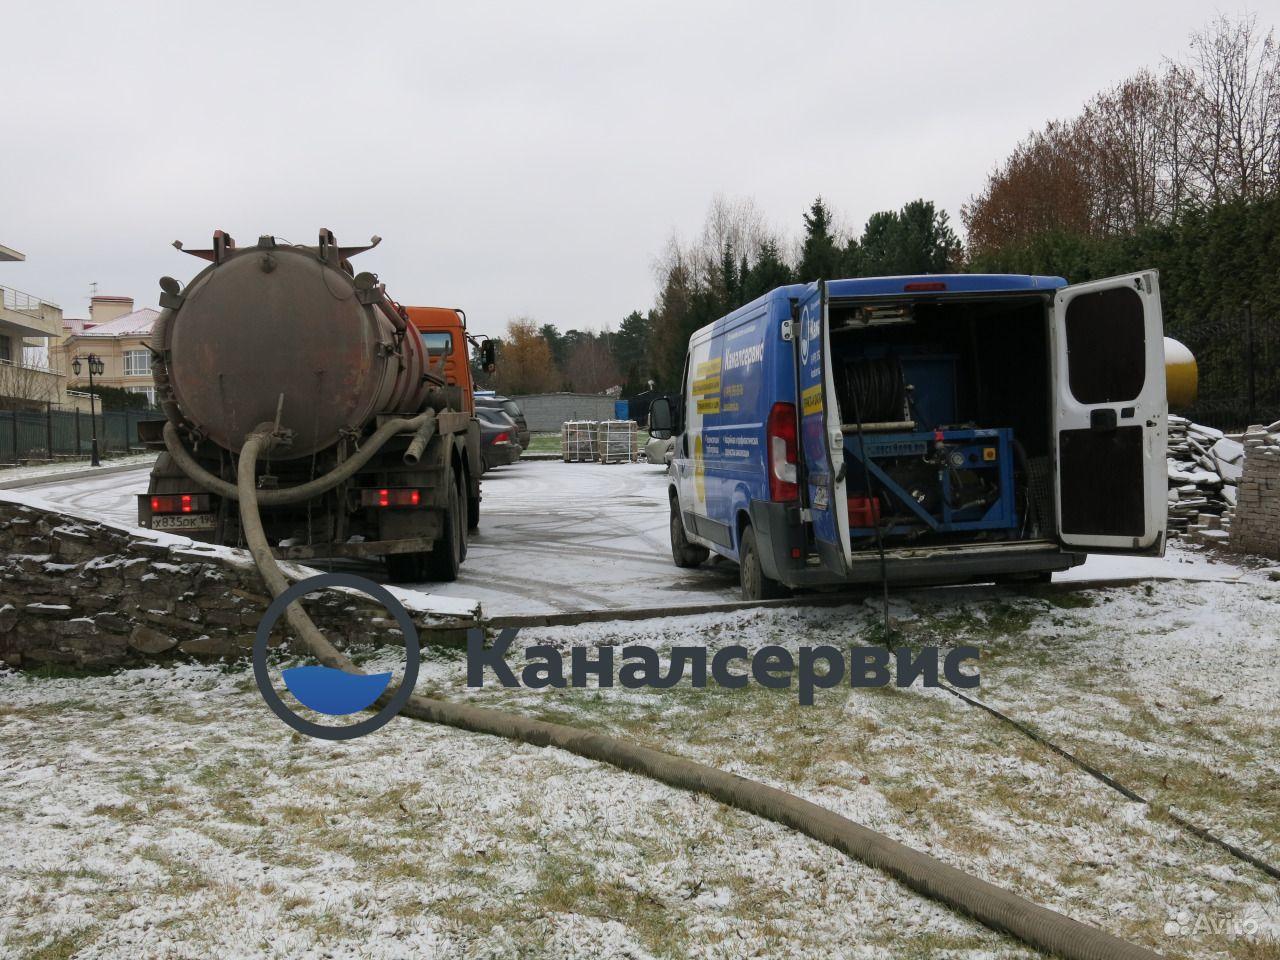 Устранение засоров прочистка труб канализации 24/7 купить на Вуёк.ру - фотография № 4